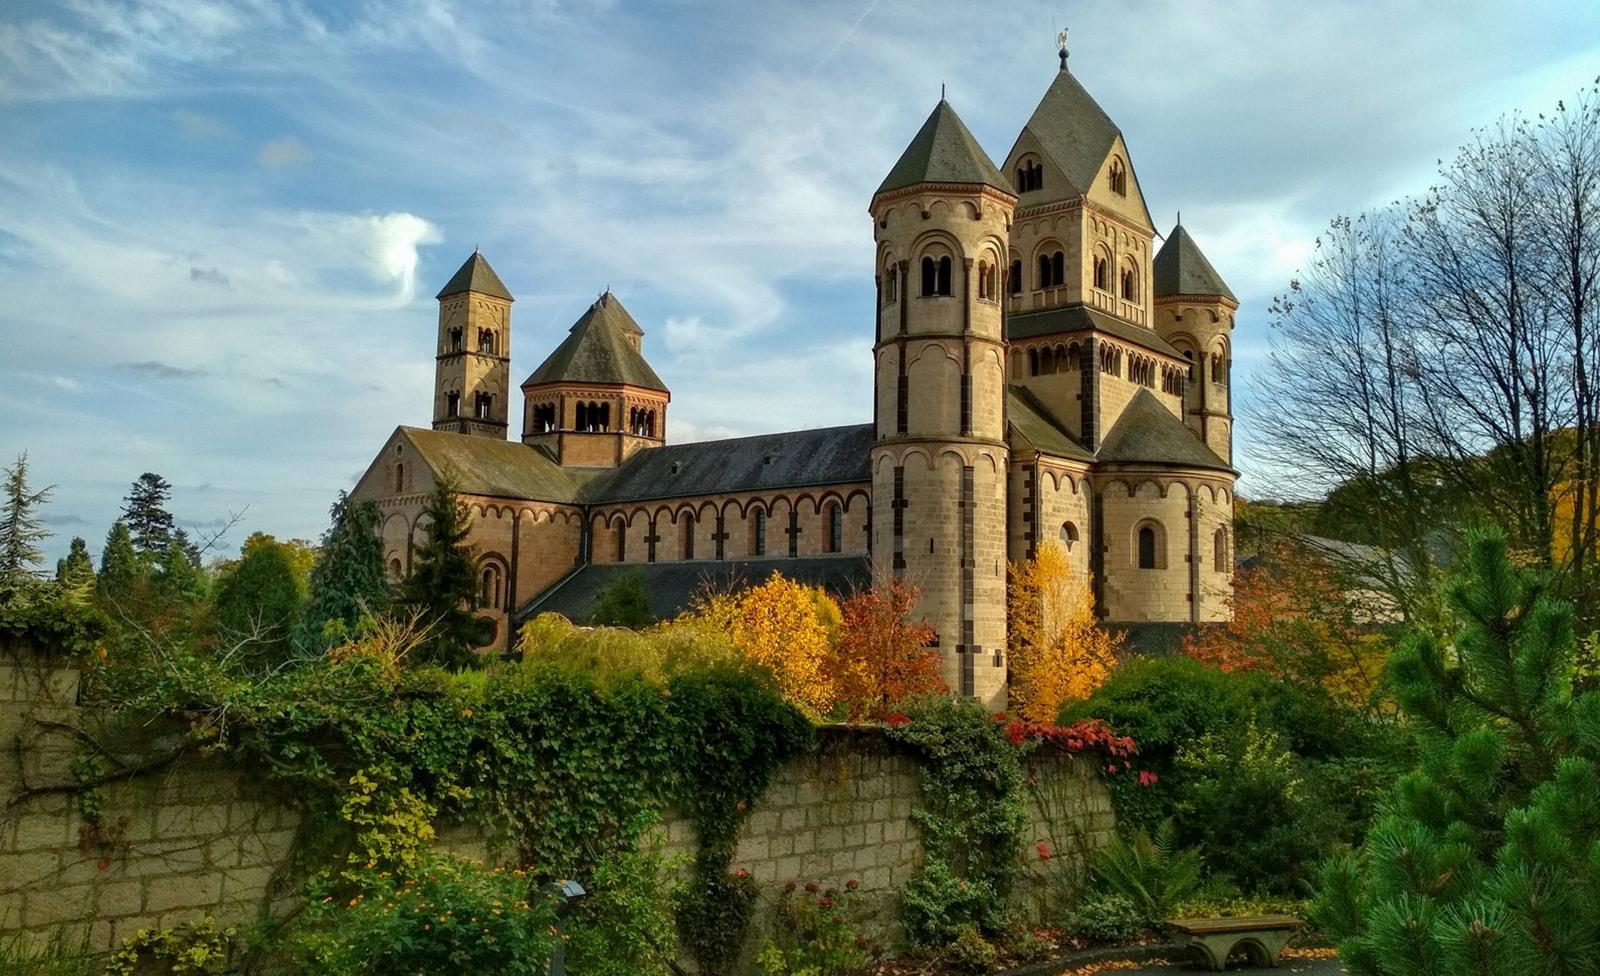 Kloster in Rheinland-Pfalz